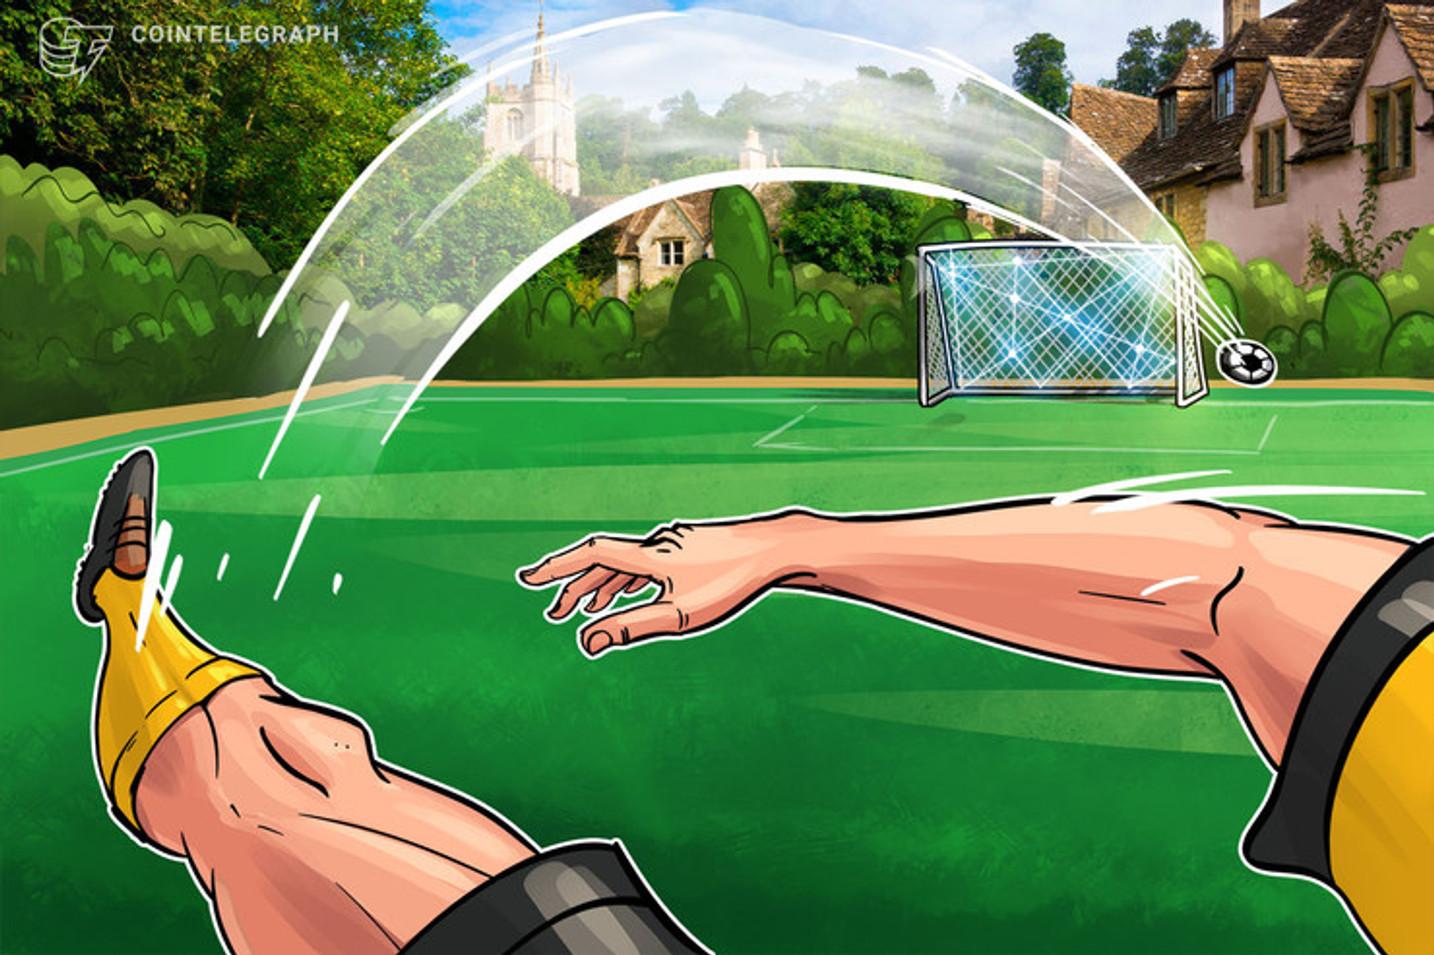 Plataforma de tokens para torcedores de futebol é lançada com distribuição de criptomoedas por realidade aumentada